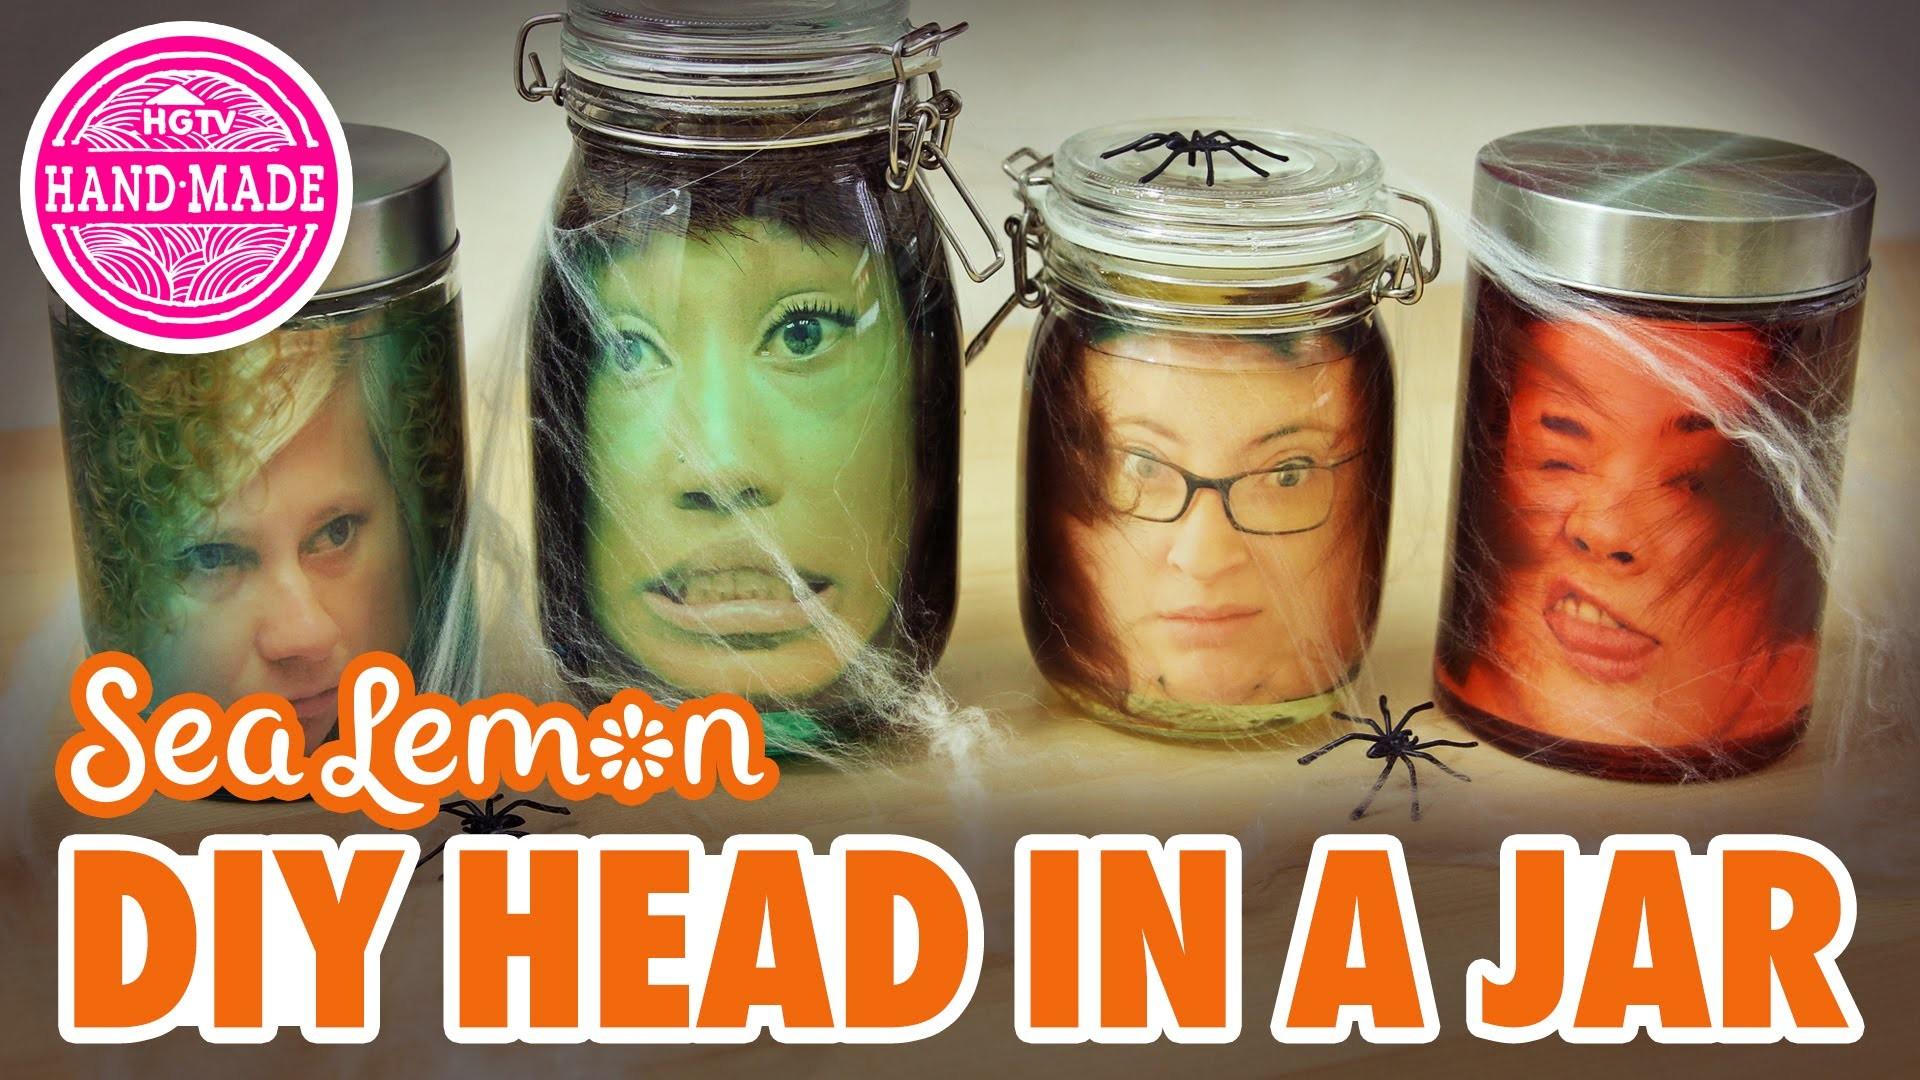 DIY Head in a Jar with Sea Lemon - HGTV Handmade